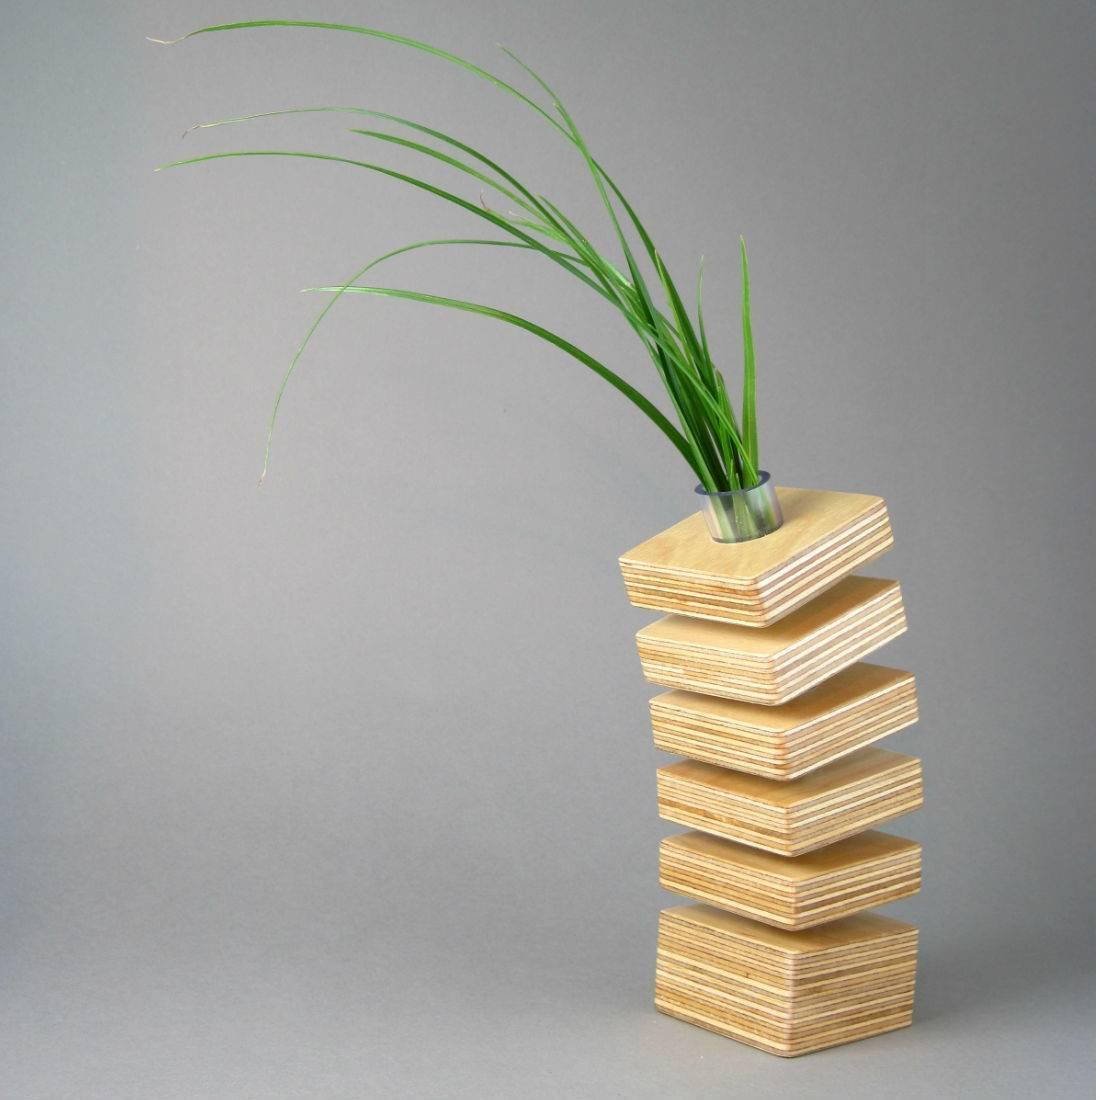 Spring Vase Homeware Furniture Gifts Mocha